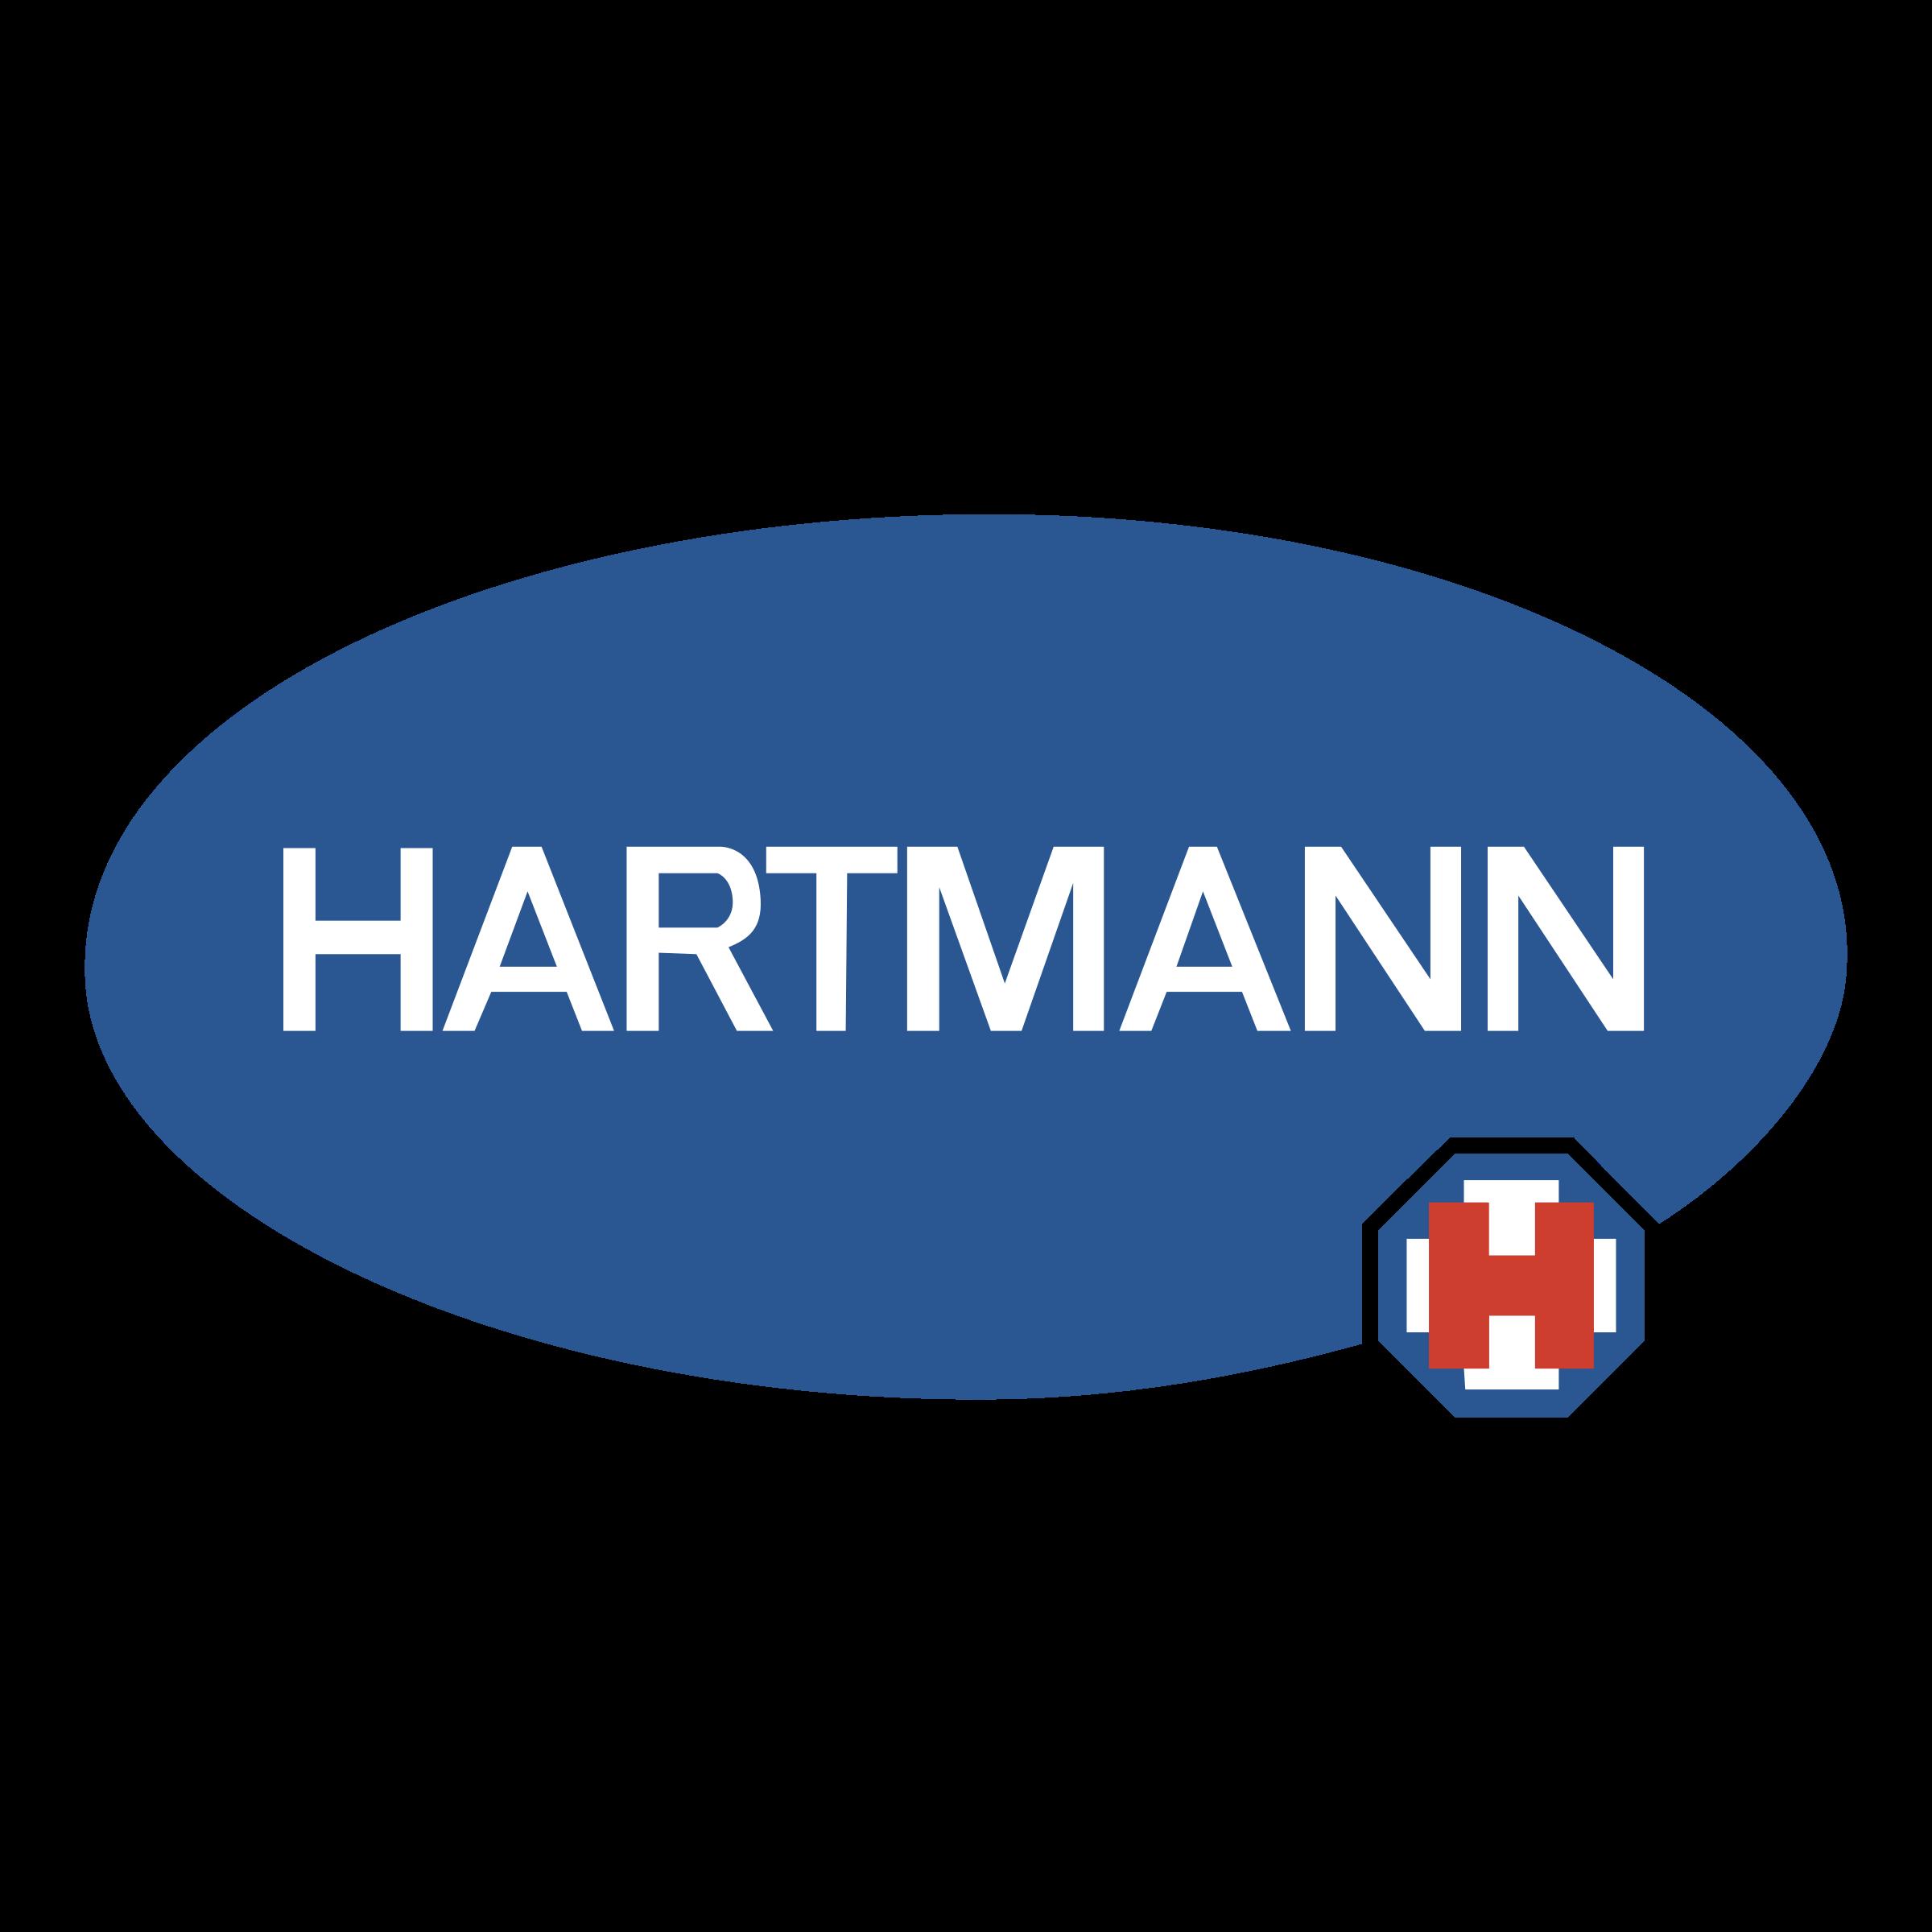 hartmann-logo-png-transparent.png